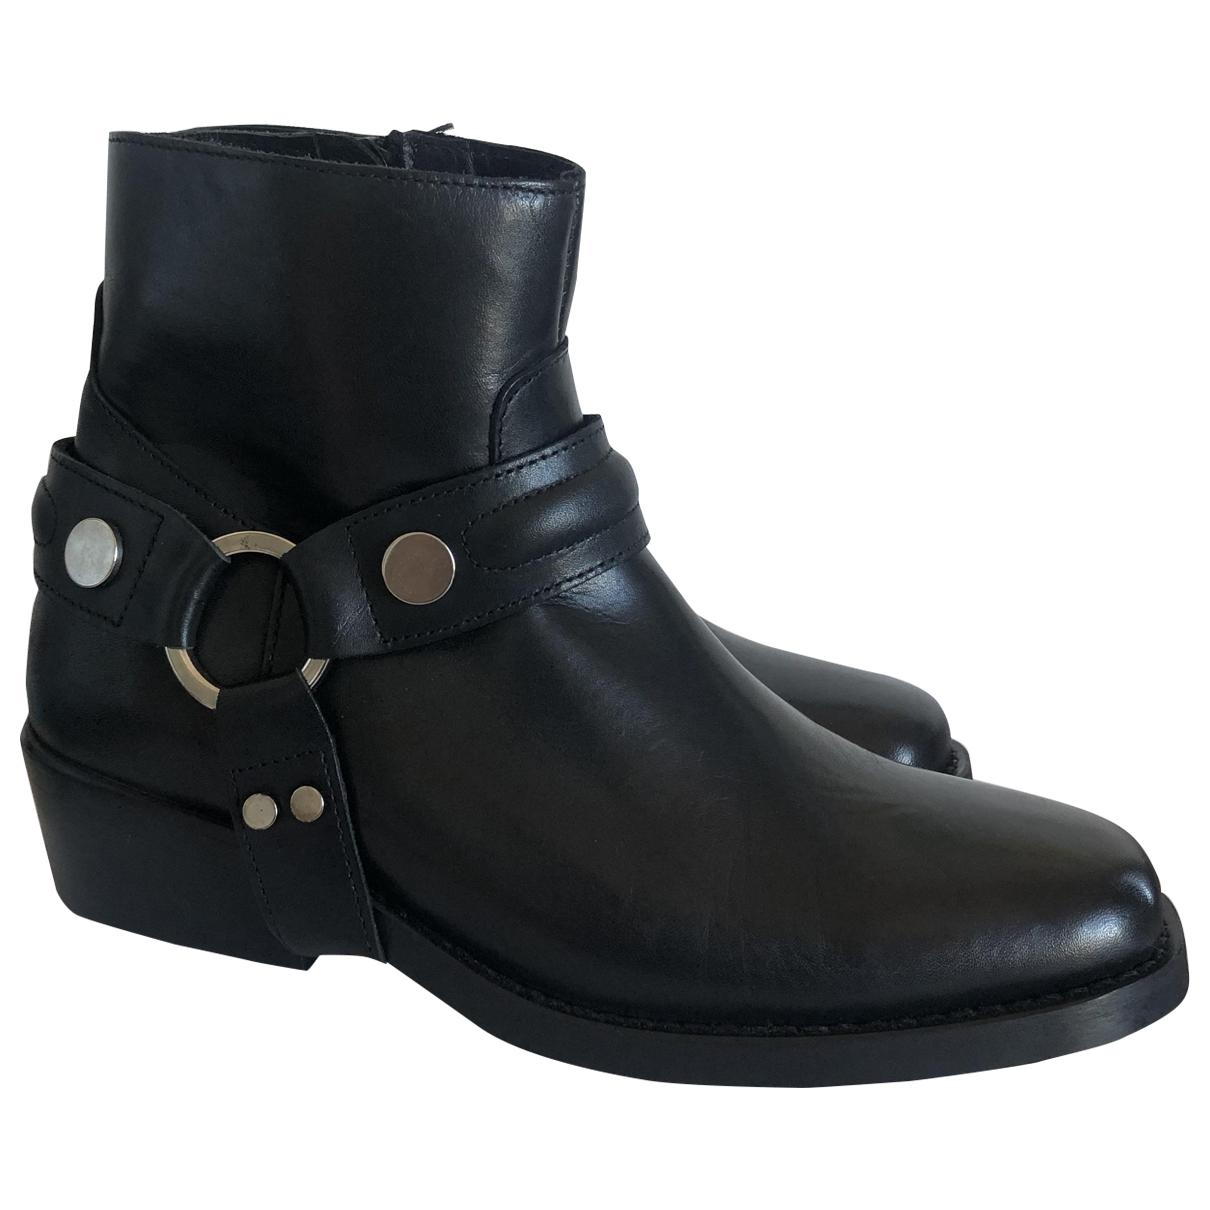 Claudie Pierlot - Boots   pour femme en cuir - noir